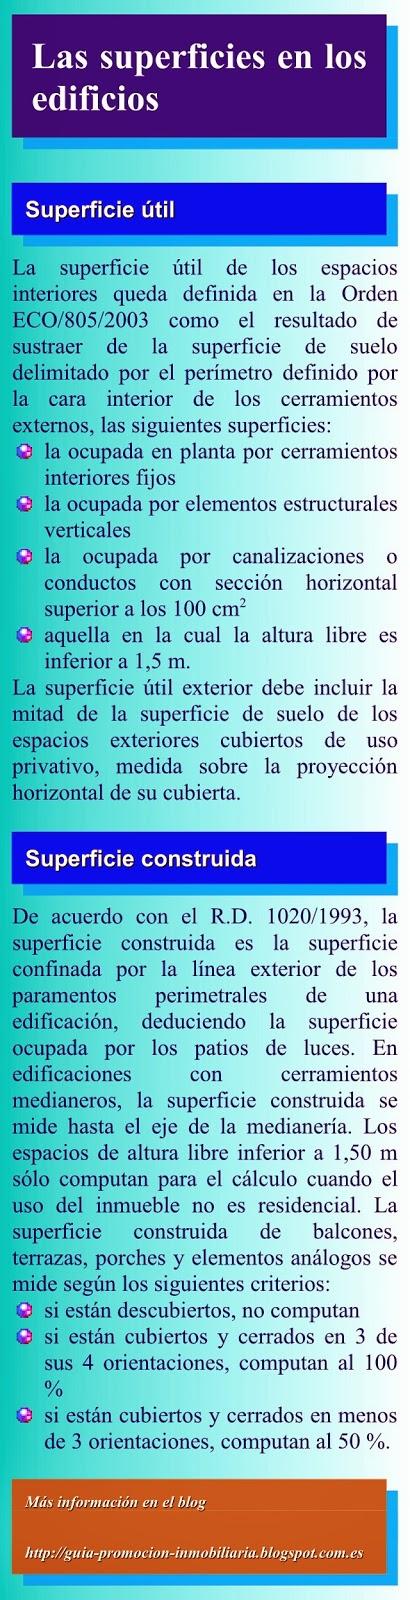 Superficies en los edificios